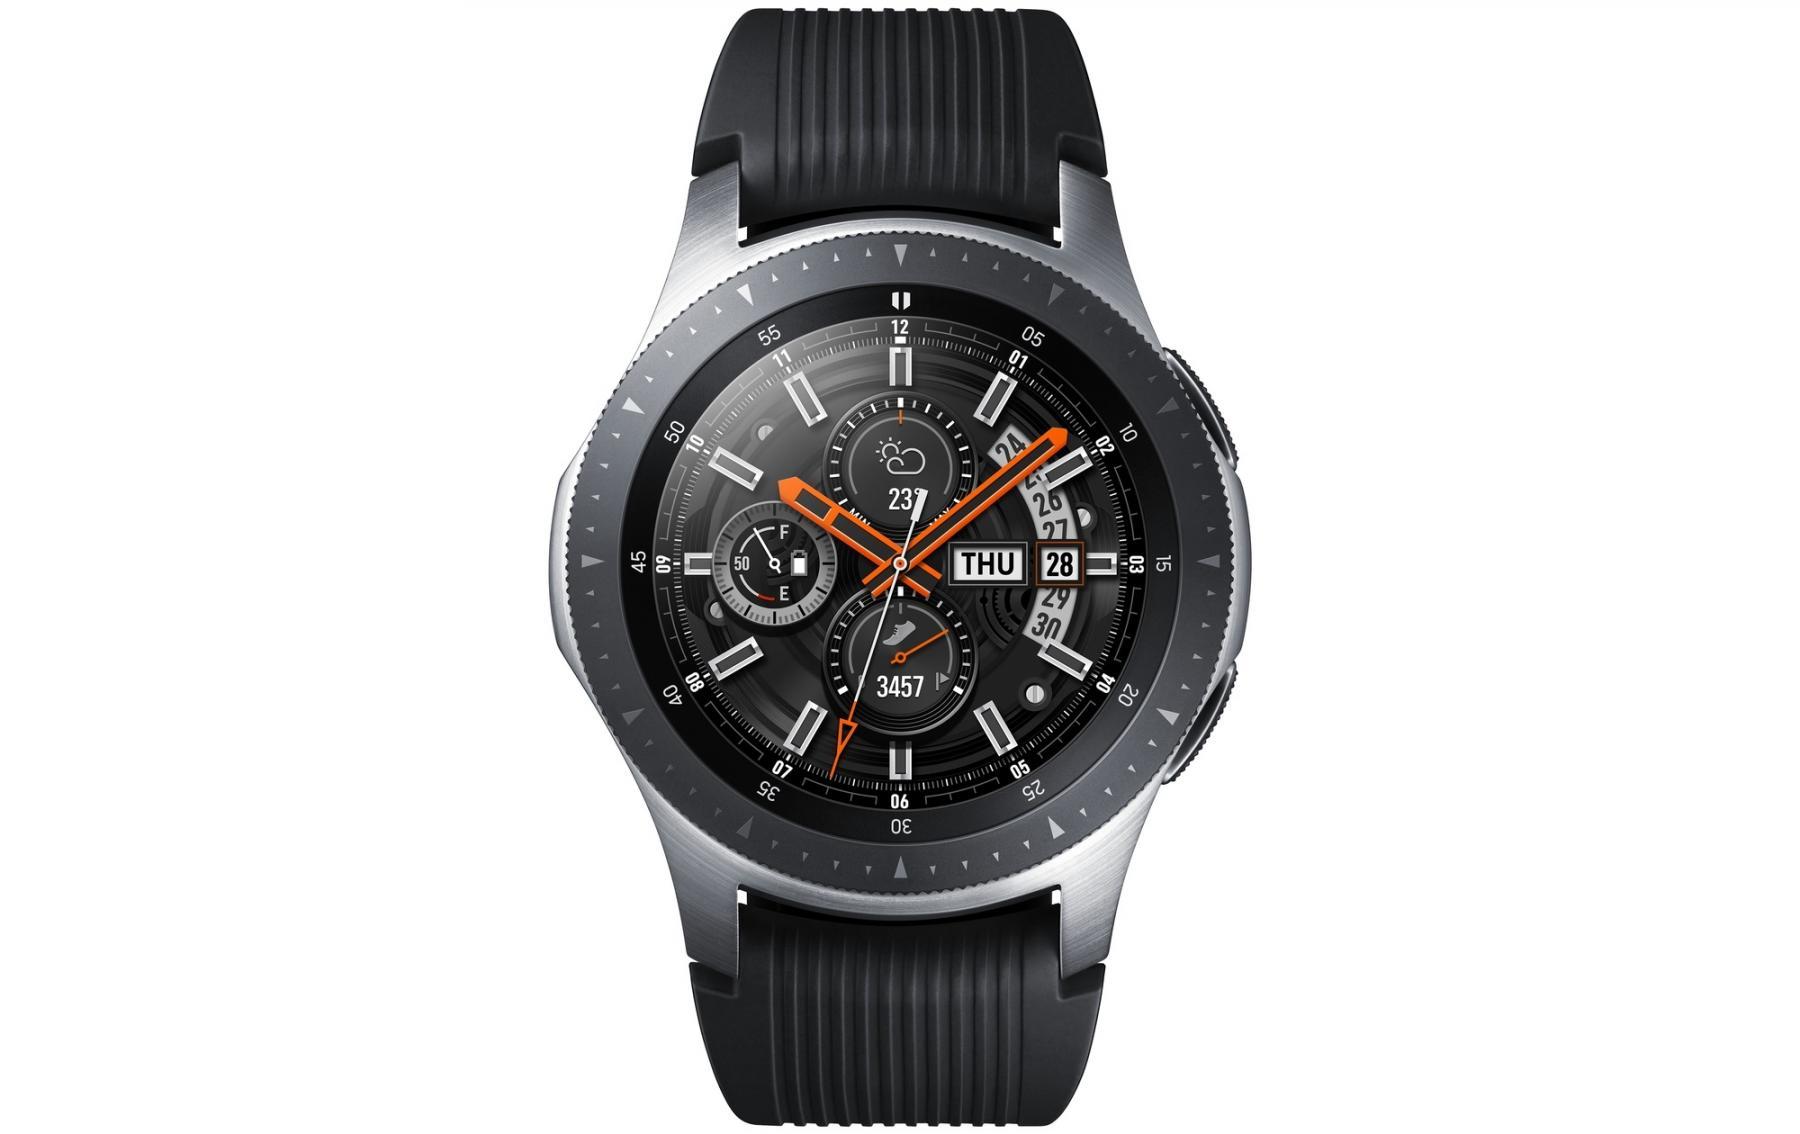 Samsung Galaxy Watch 46mm Bluetooth - Silver